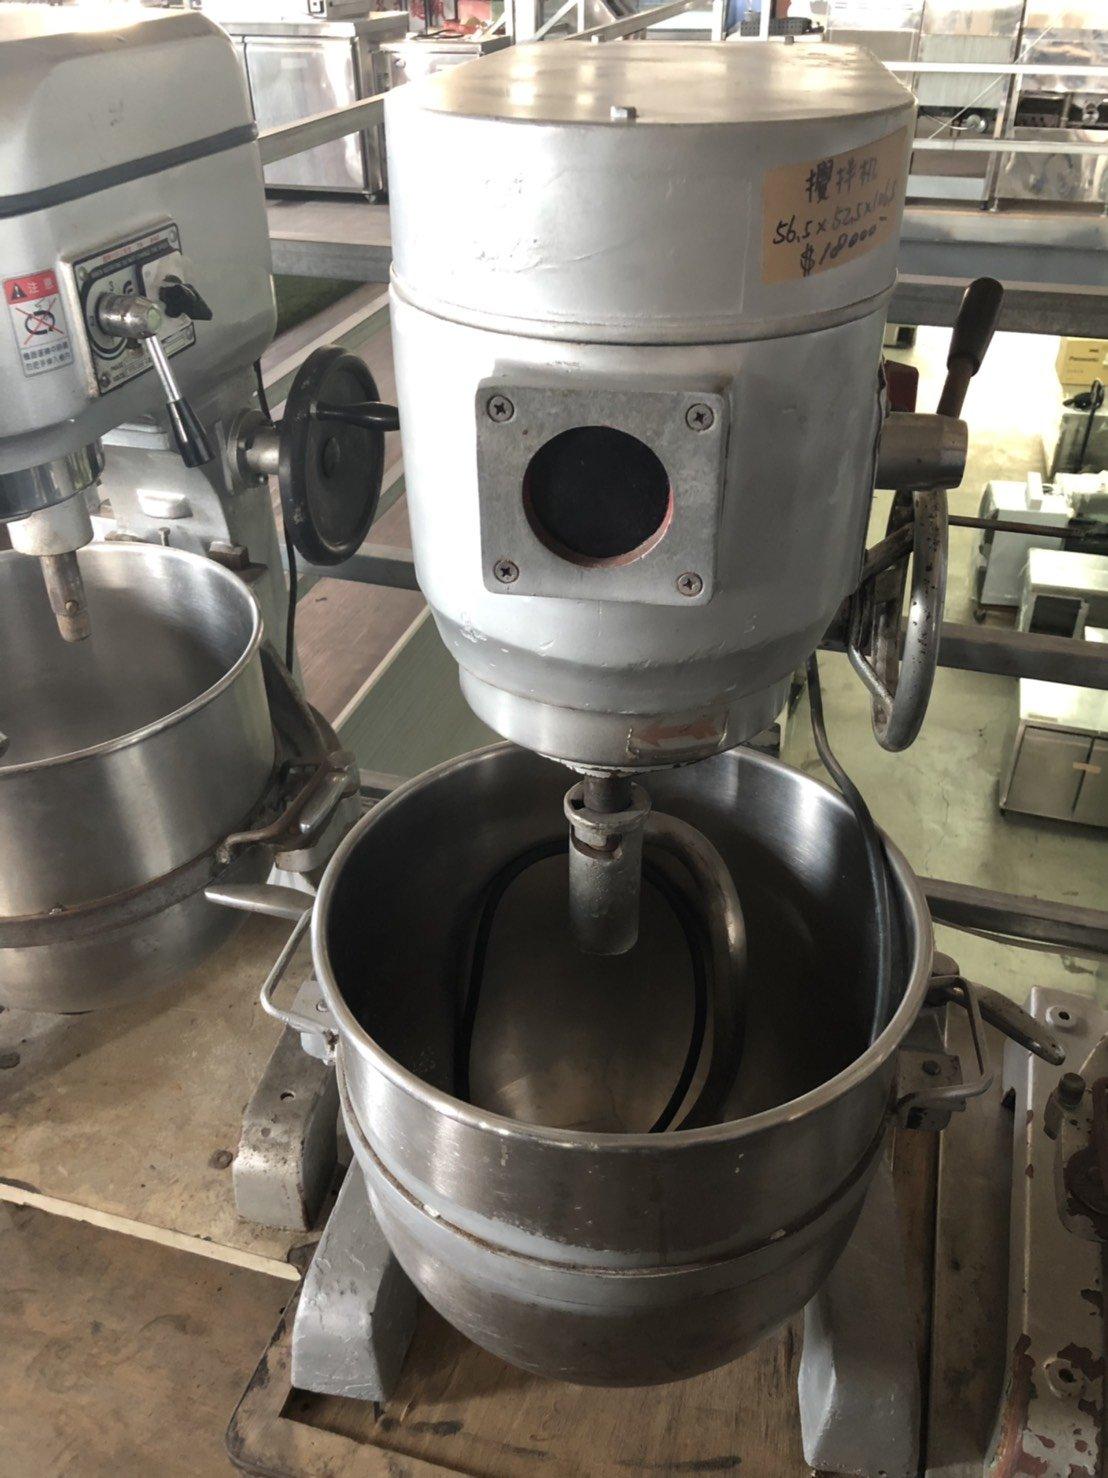 達慶餐飲設備 八里二手倉庫 二手商品    飼料用三貫30公升落地攪拌機